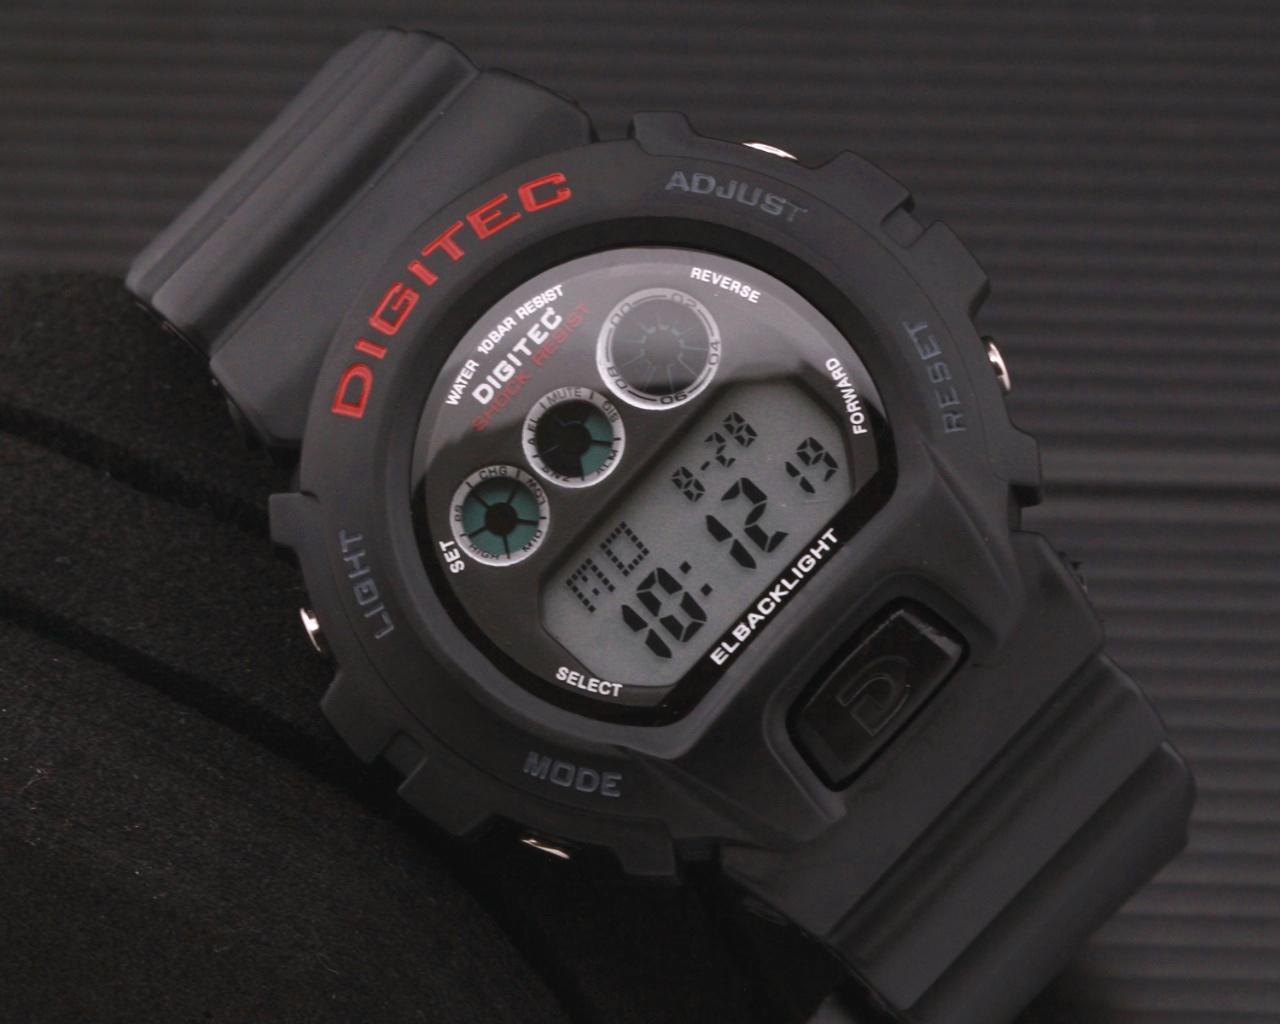 Jam Tangan Digitec DG 2098 Digital